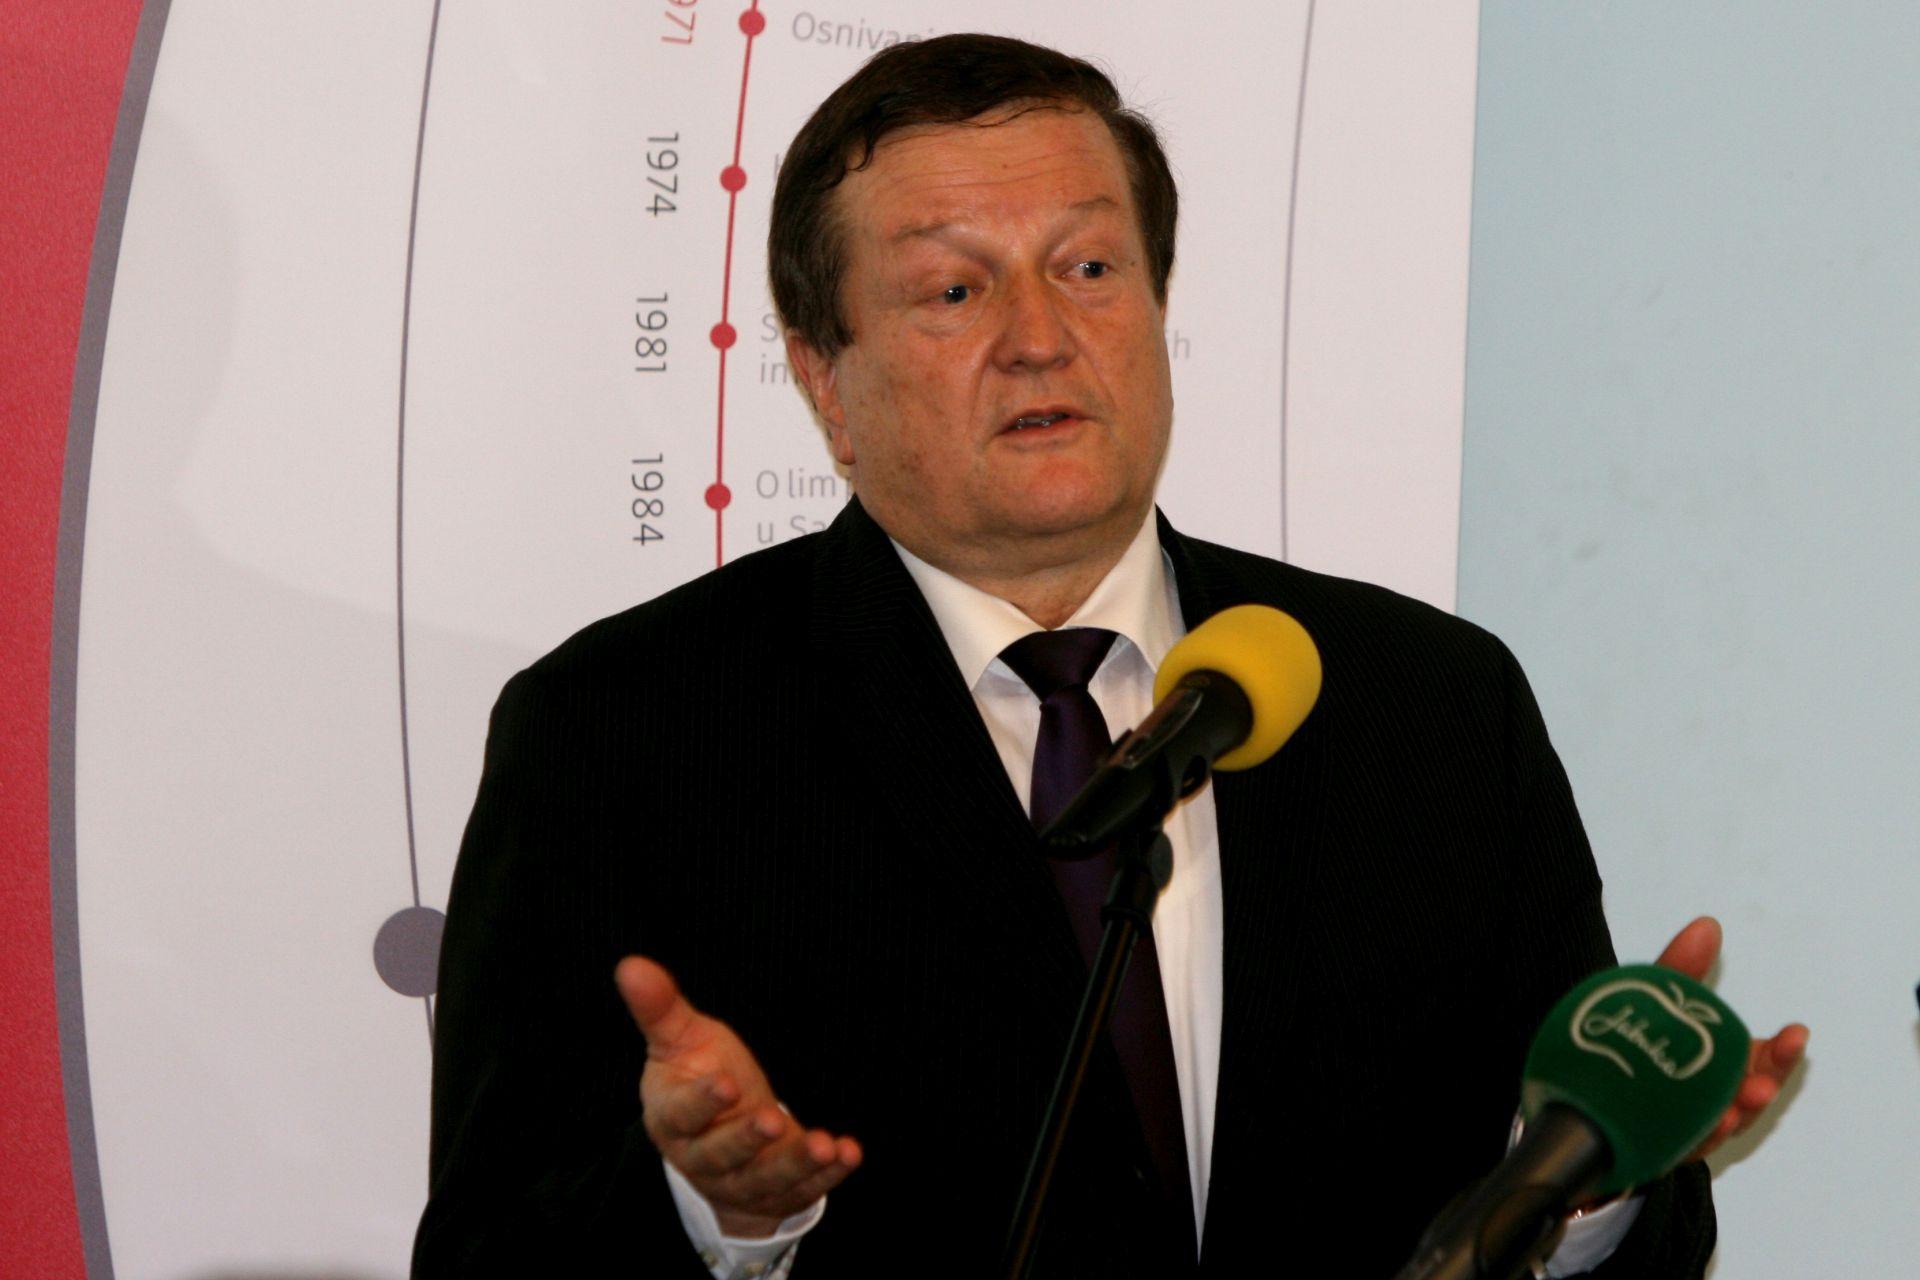 DAMIR BORAS: Kurikularna reforma ne smije biti rezultat politike